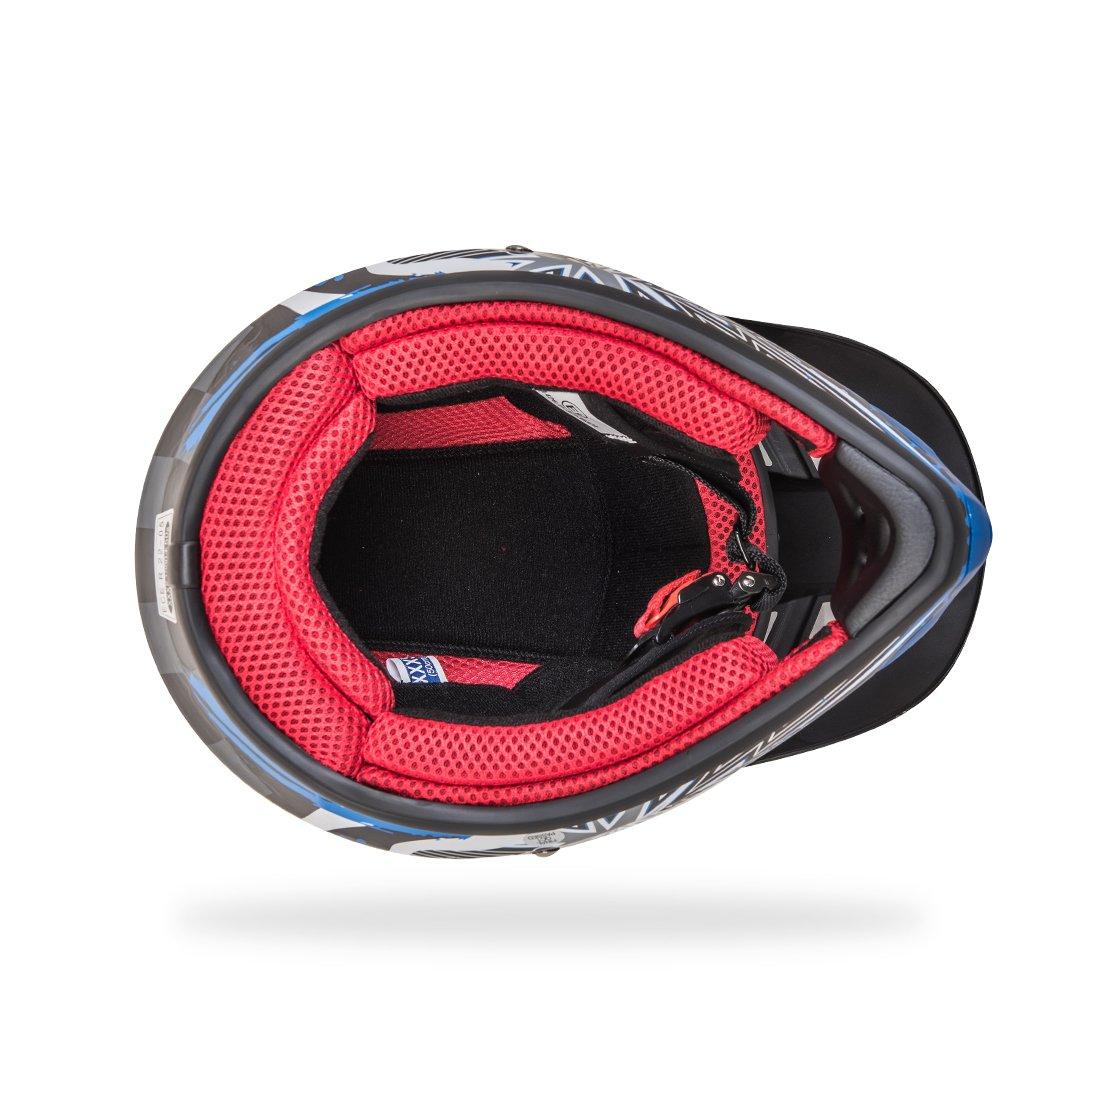 Blanc Rouge Bleu, XS 53-54CM NENKI NK-303 Casque de Moto Tout-Terrain pour Enfants,ECE Homologu/é